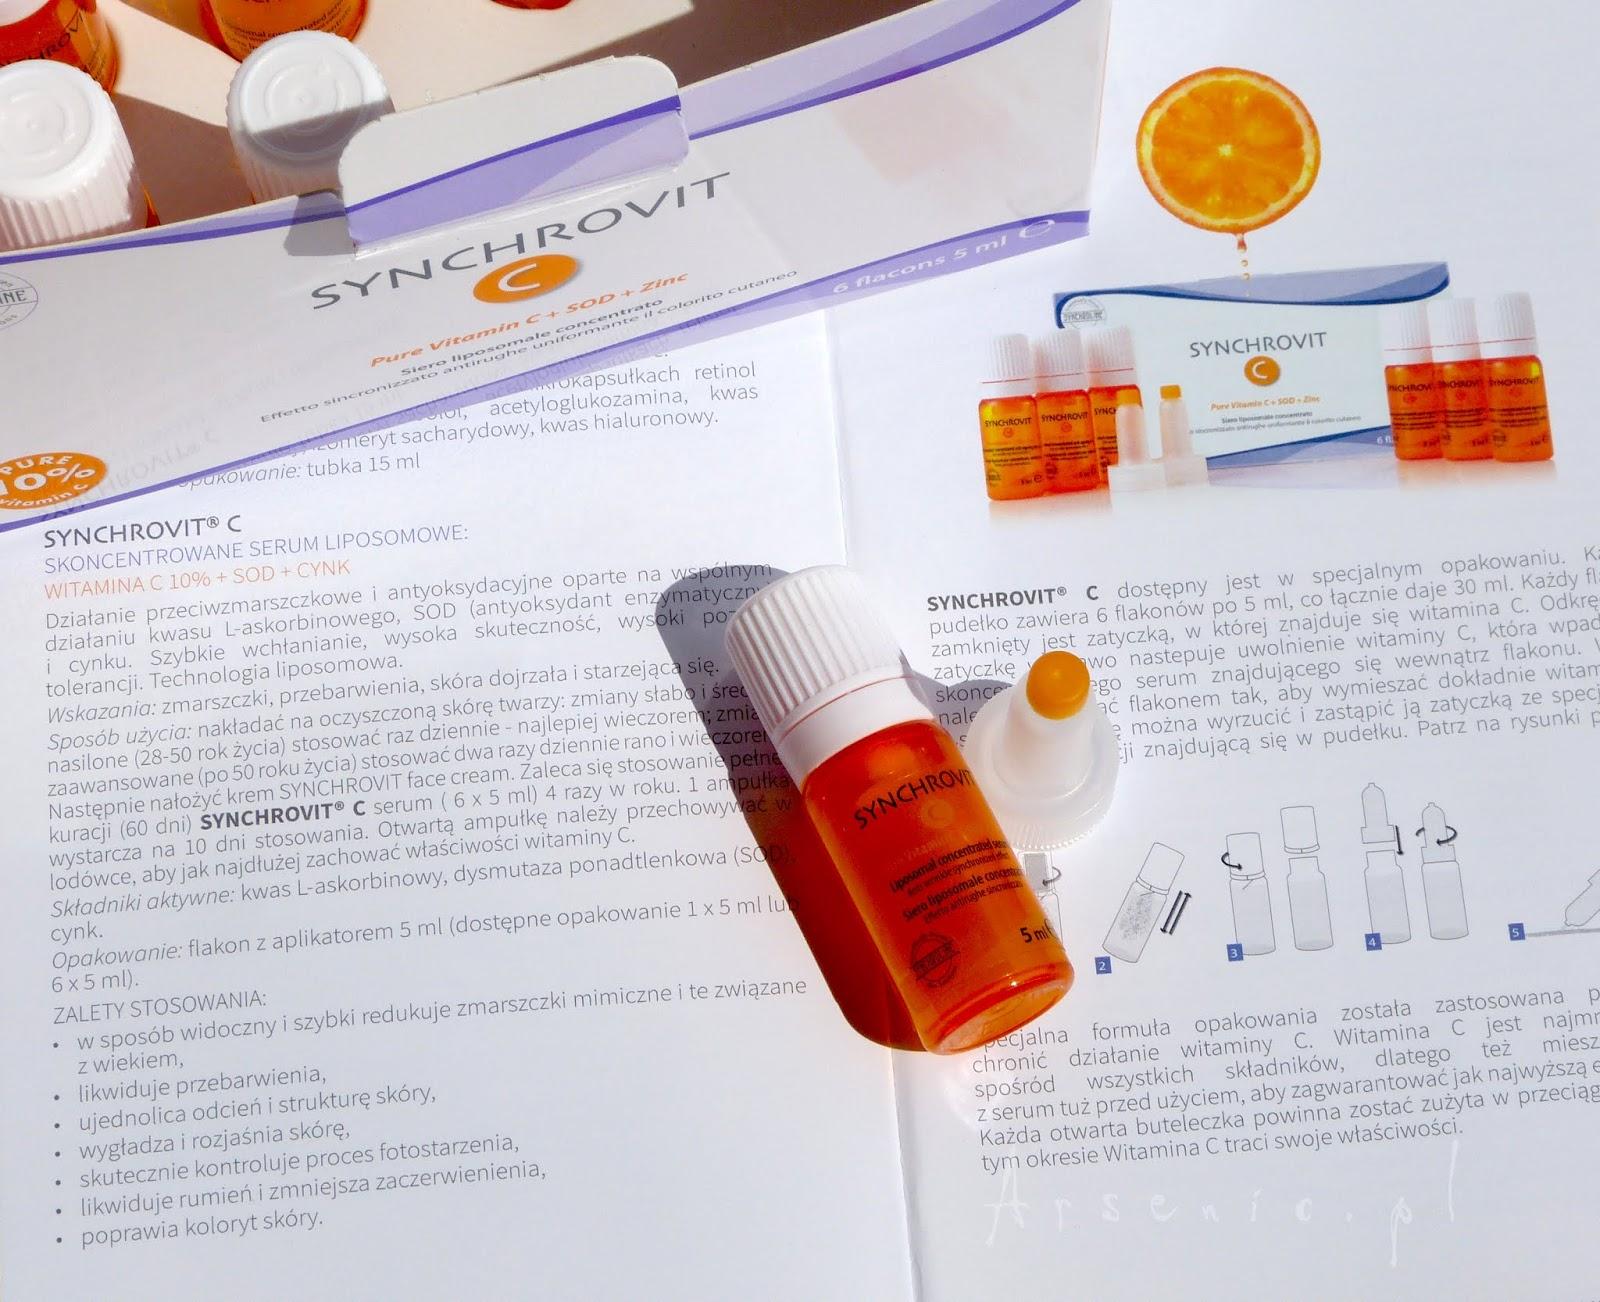 Kosmetyki Synchroline: ultradelikatny płyn micelarny, kuracja z wit. C i kultowa seria Thiospot